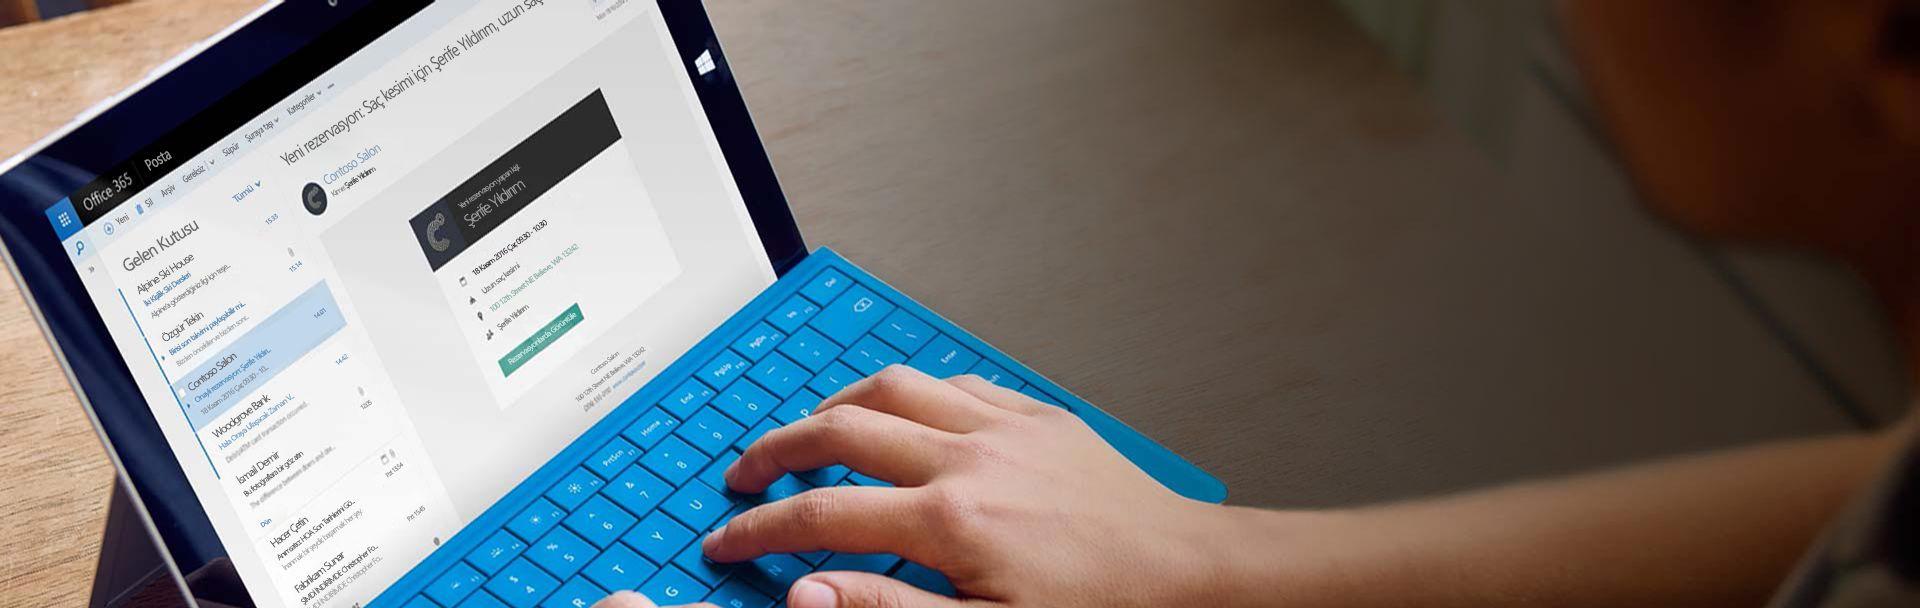 E-postada Office 365 Bookings randevu anımsatıcılarını gösteren bir tablet.